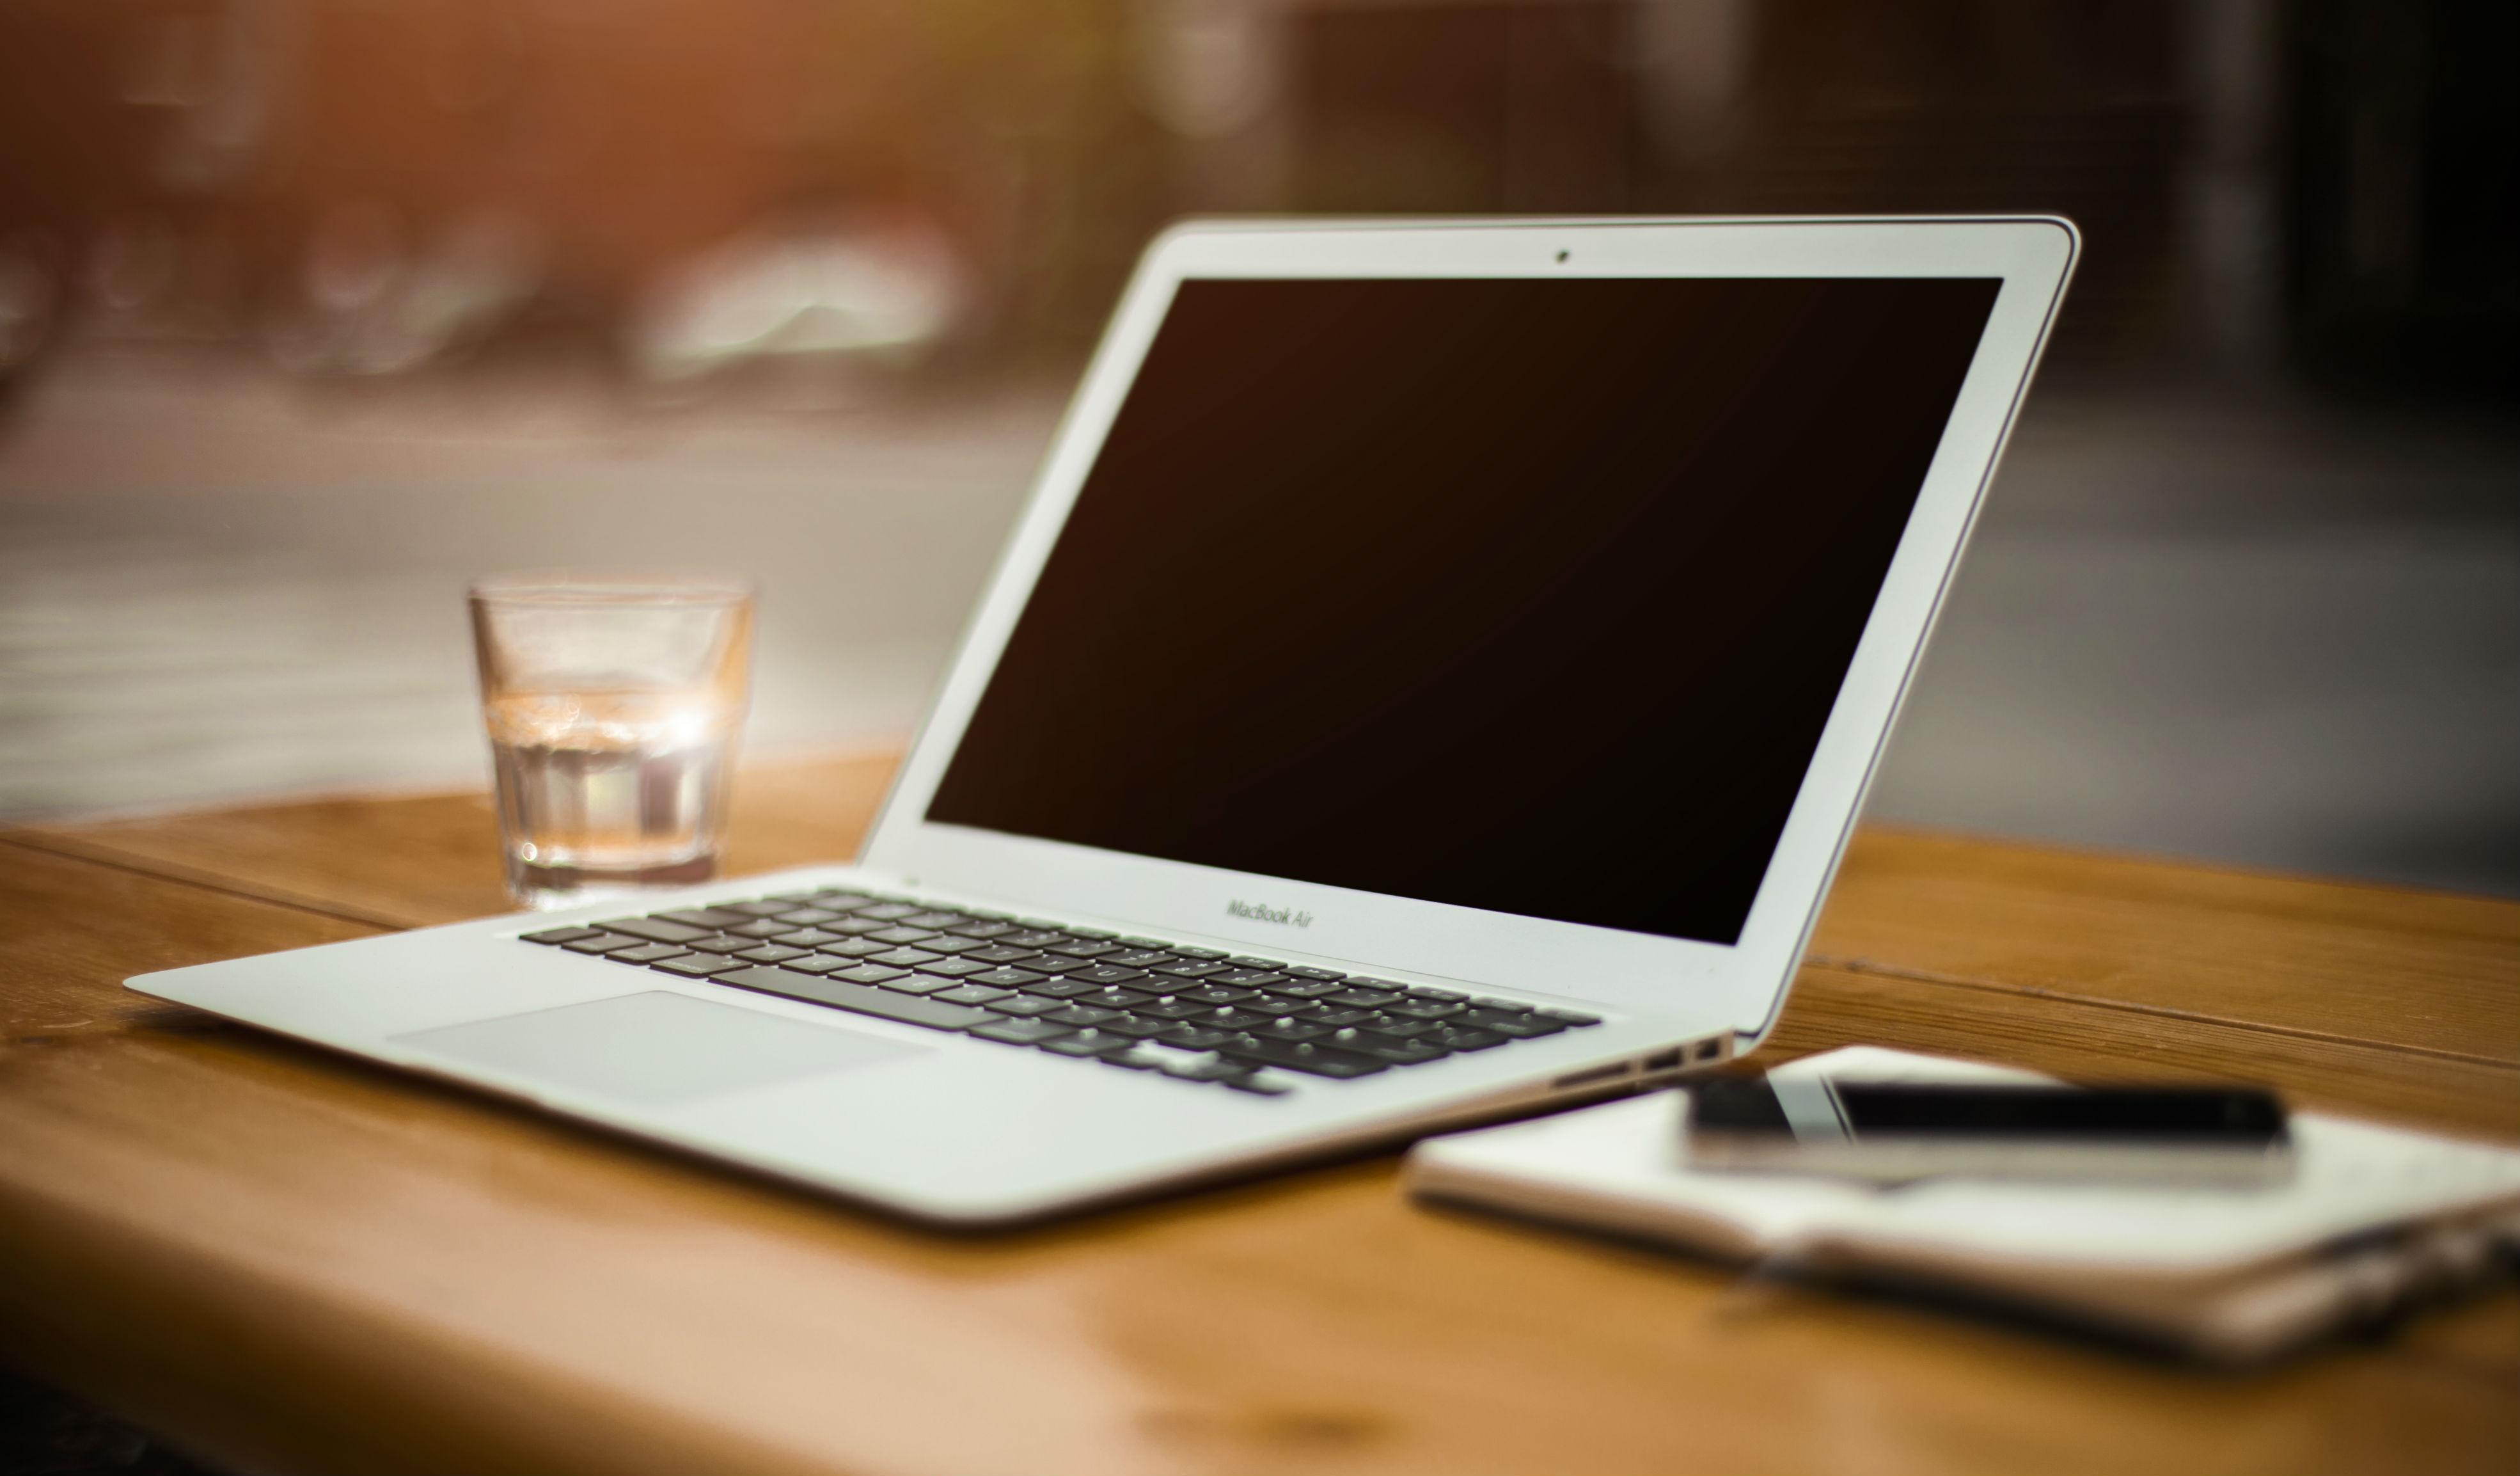 emergenti libri scrittura scrittori online efp wattpap recensioni